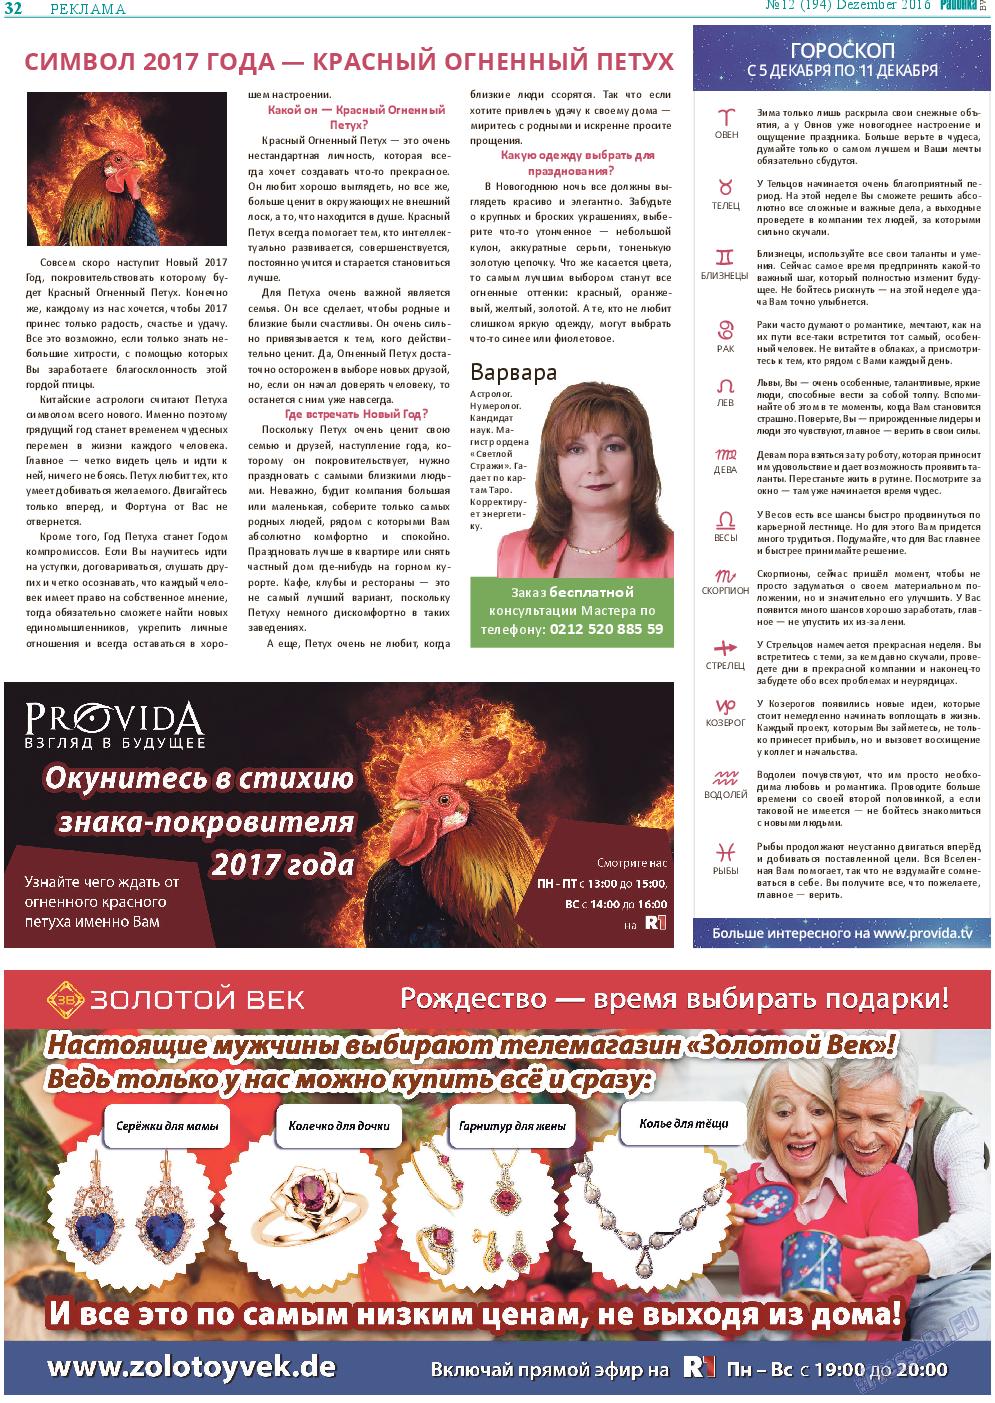 Районка-West (газета). 2016 год, номер 12, стр. 32